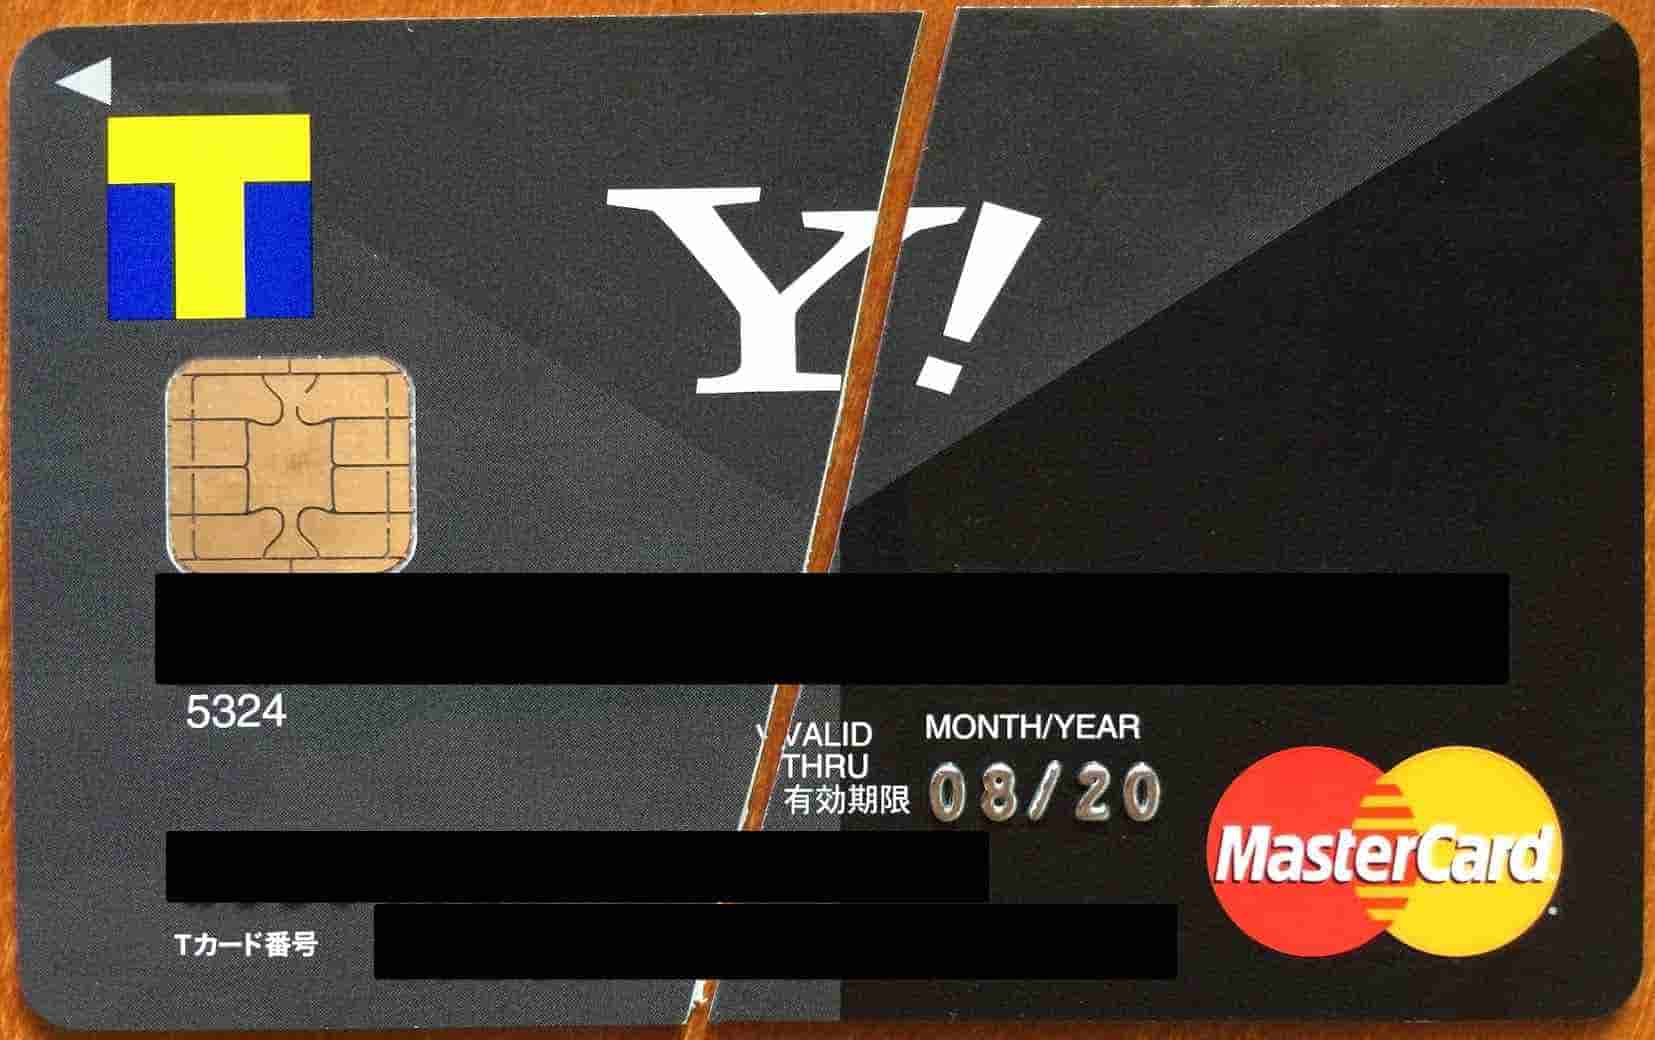 yahoo-mastercard